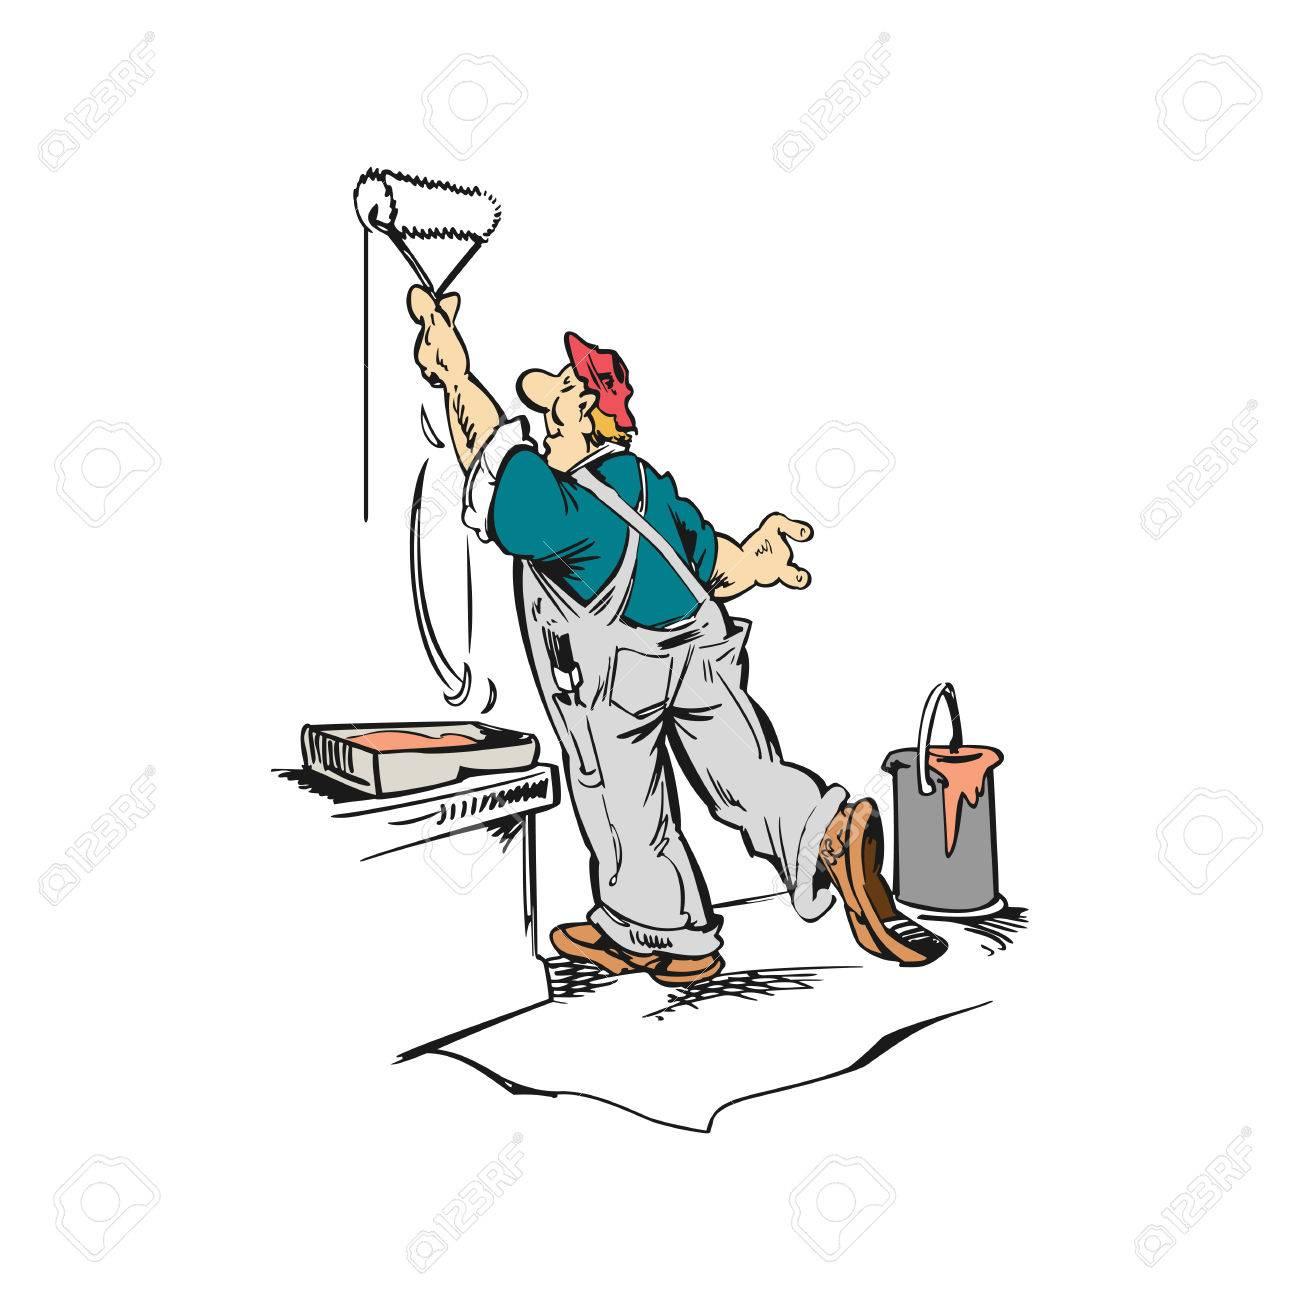 Banque Du0027images   Homme Ouvrier Peinture Mur Dessin Animé Illustration  Vecteur